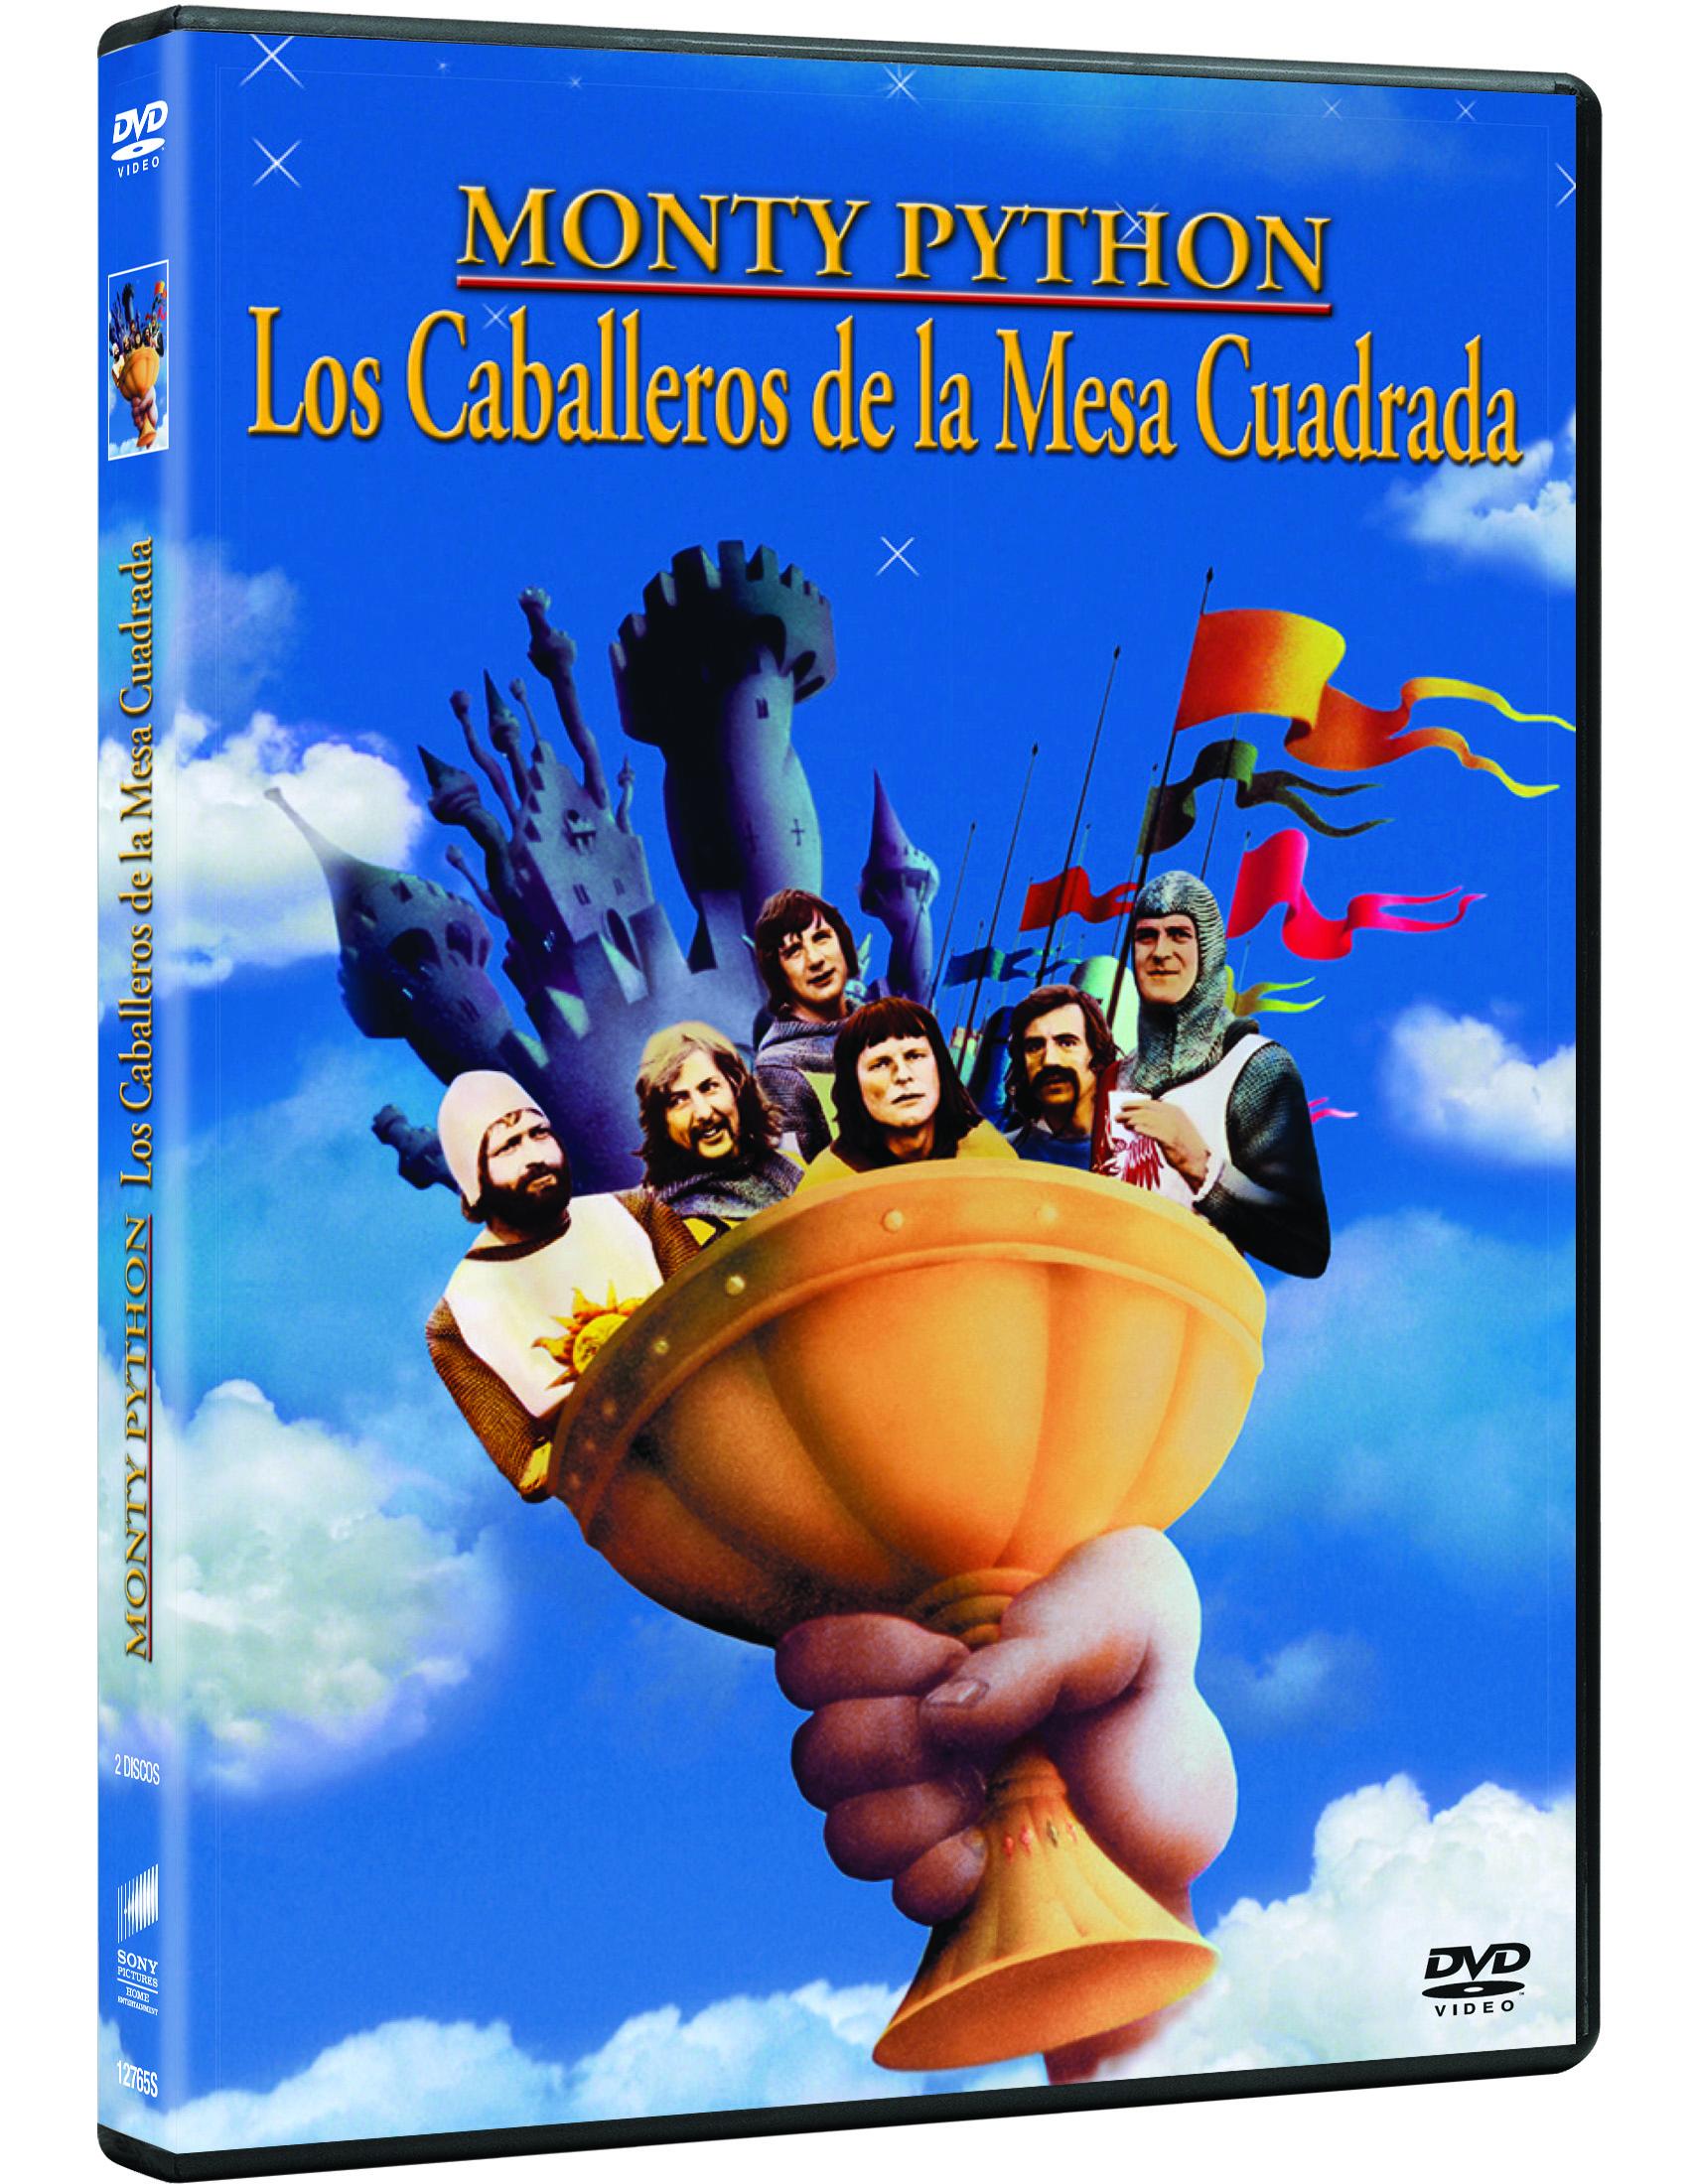 'Los caballeros de la mesa cuadrada' llegará en Blu-ray y Dvd el 19 de mayo • En tu pantalla